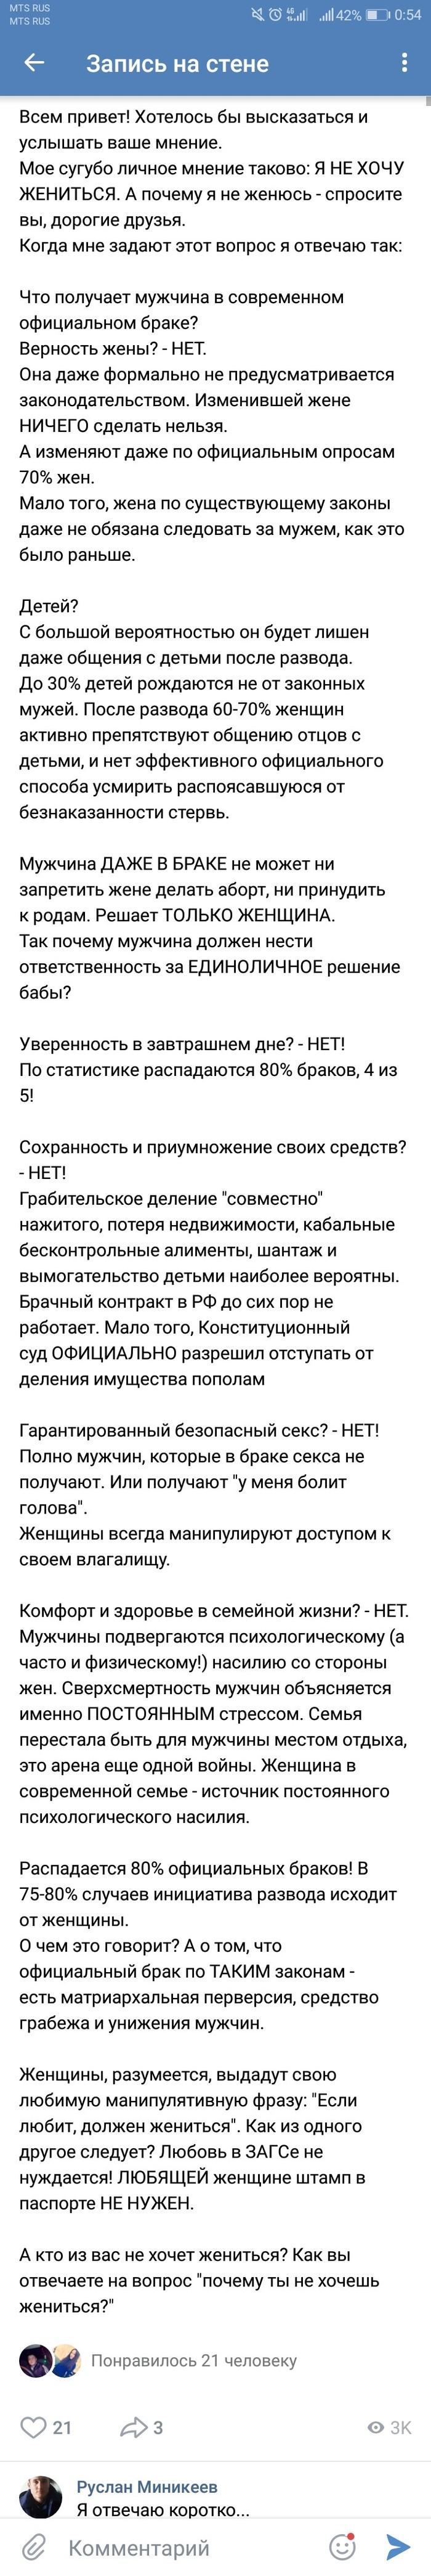 Почему не женишься? Вконтакте, Скриншот, Длиннопост, Брак, Женитьба, Мнение